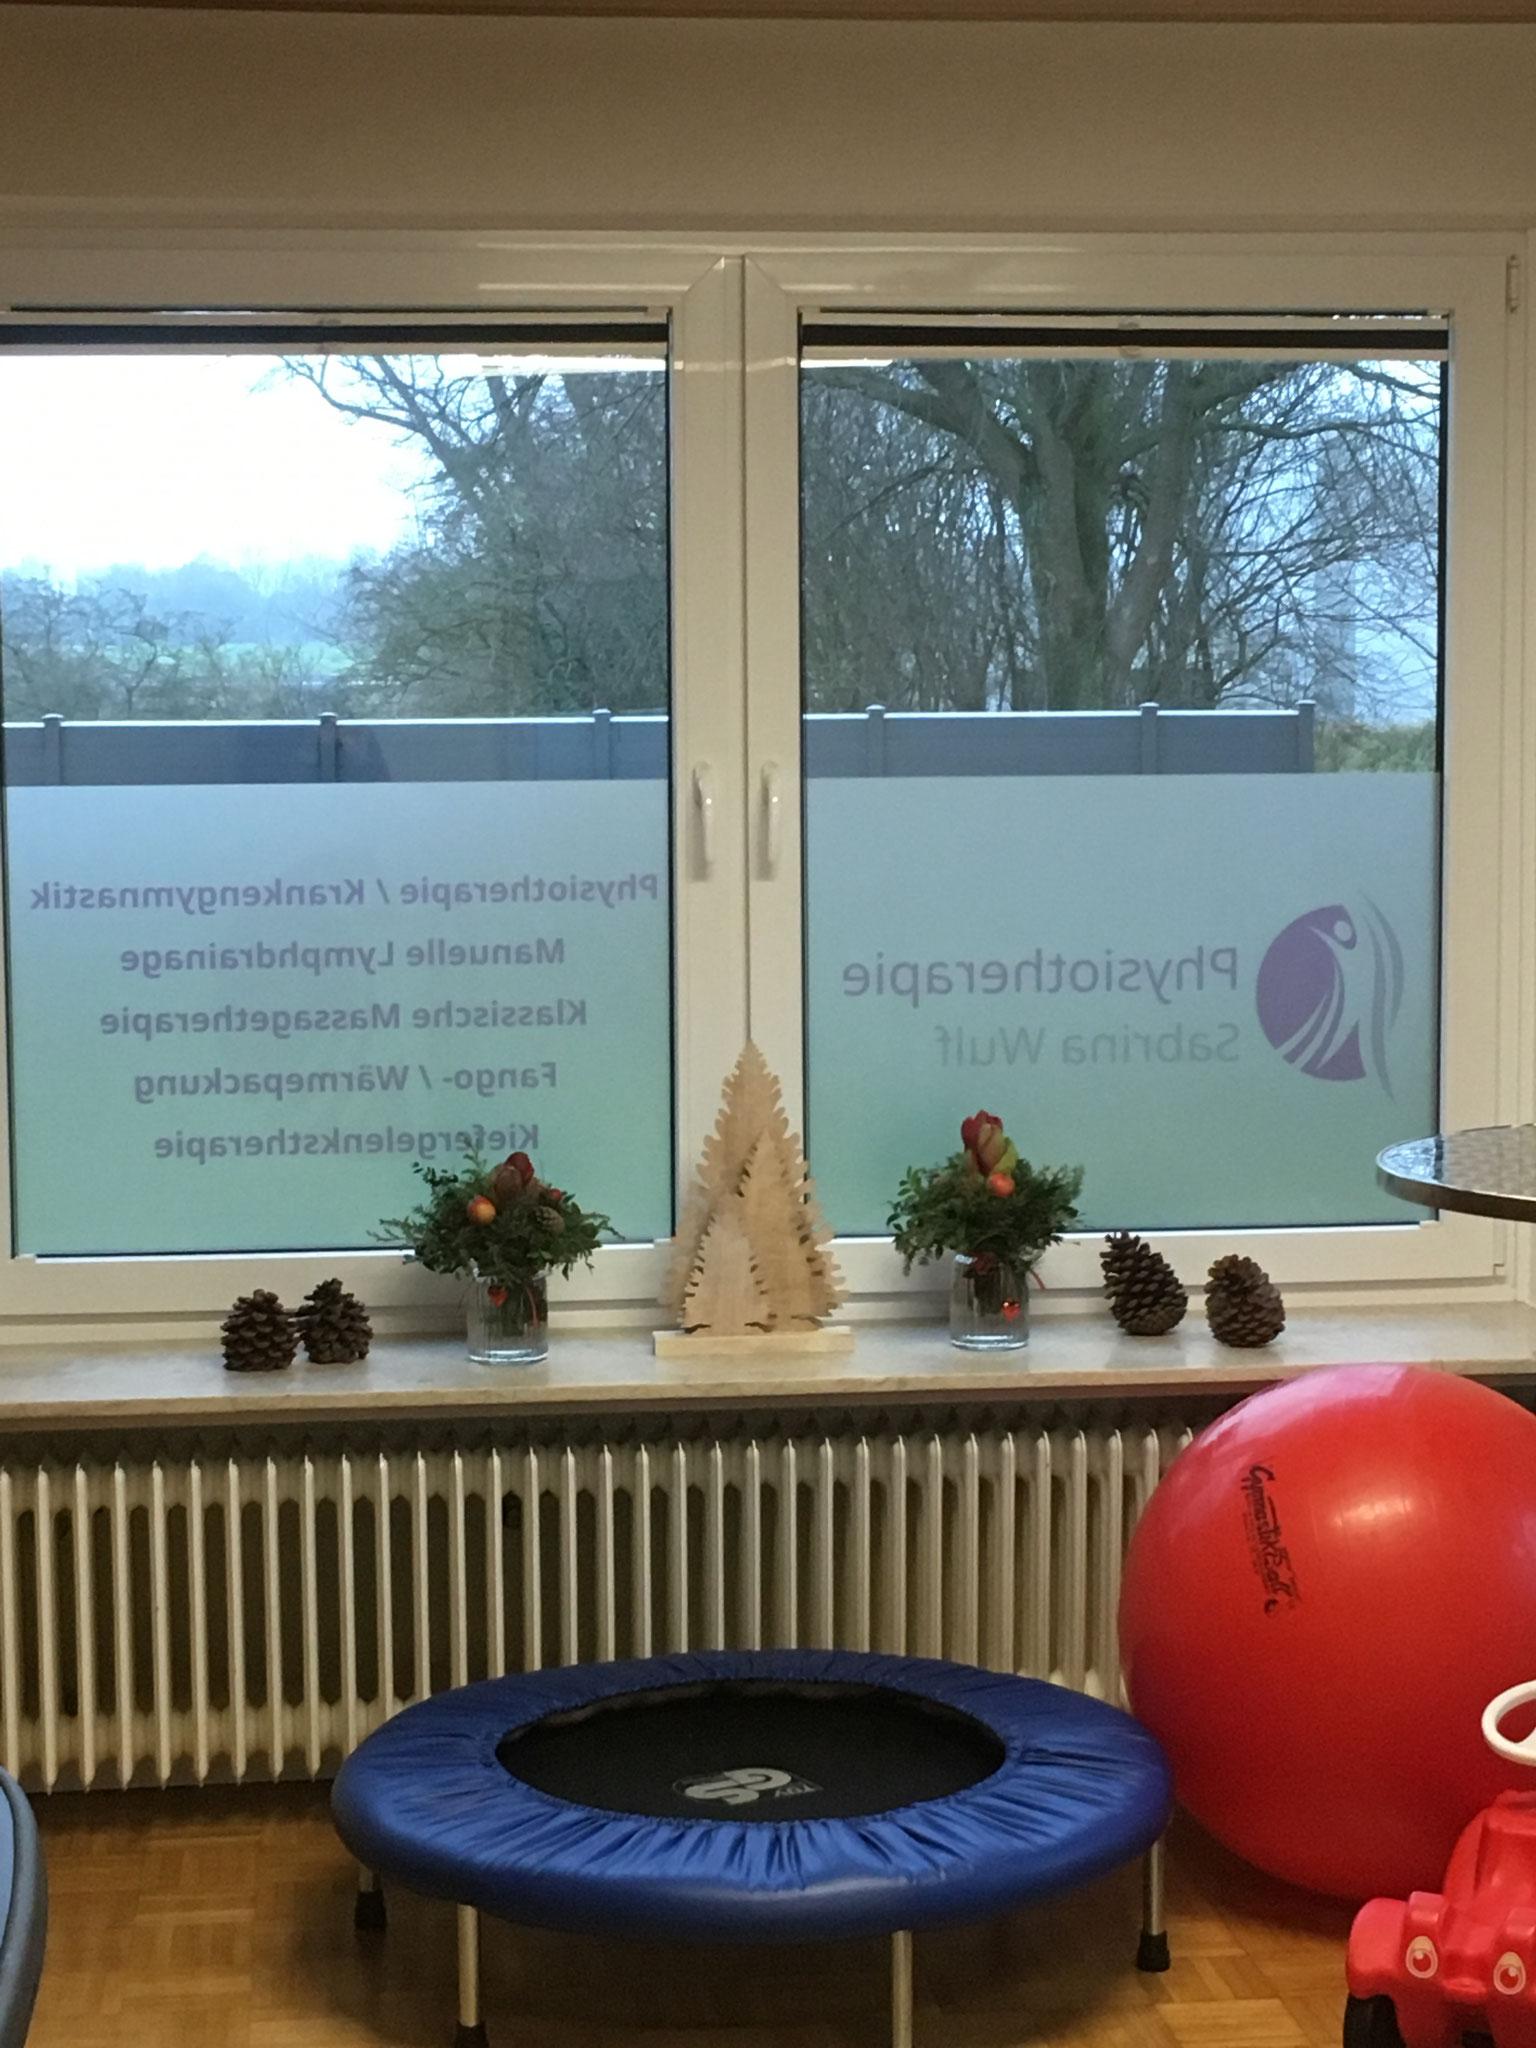 Gymnastikraum: Sprossenwand, Trampolin, Airexmatten, Pezzibälle & Co. Alles für aktive Therapien ist vorhanden - let's go!